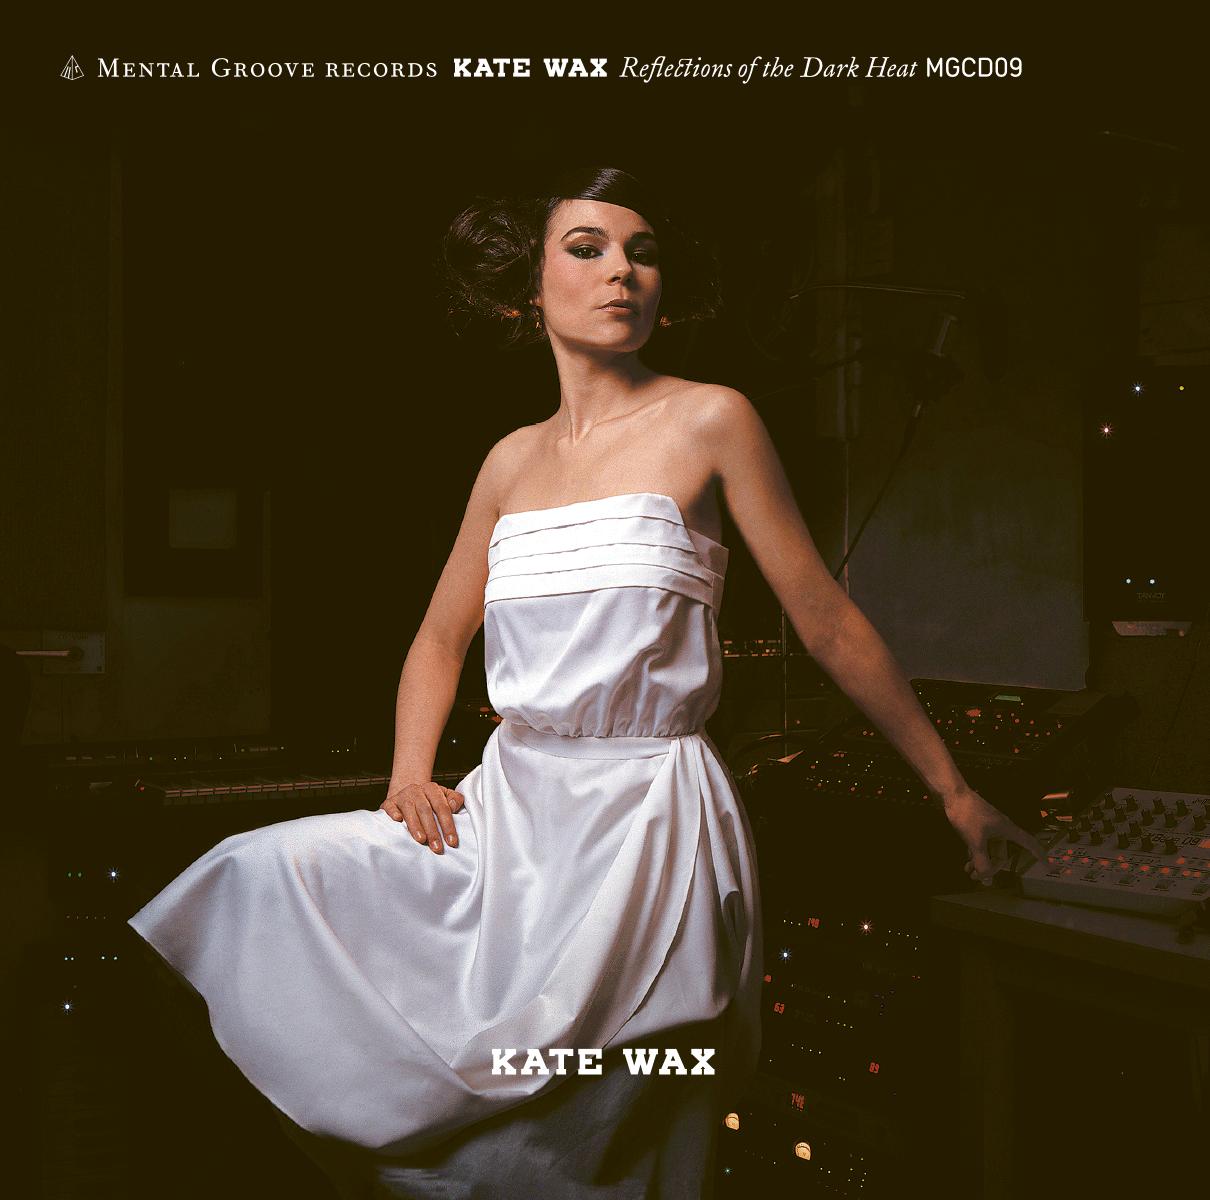 Pochette du premier album de Kate Wax. Photographie: Jorge Perez. Dans le cadre de Schönwehrs